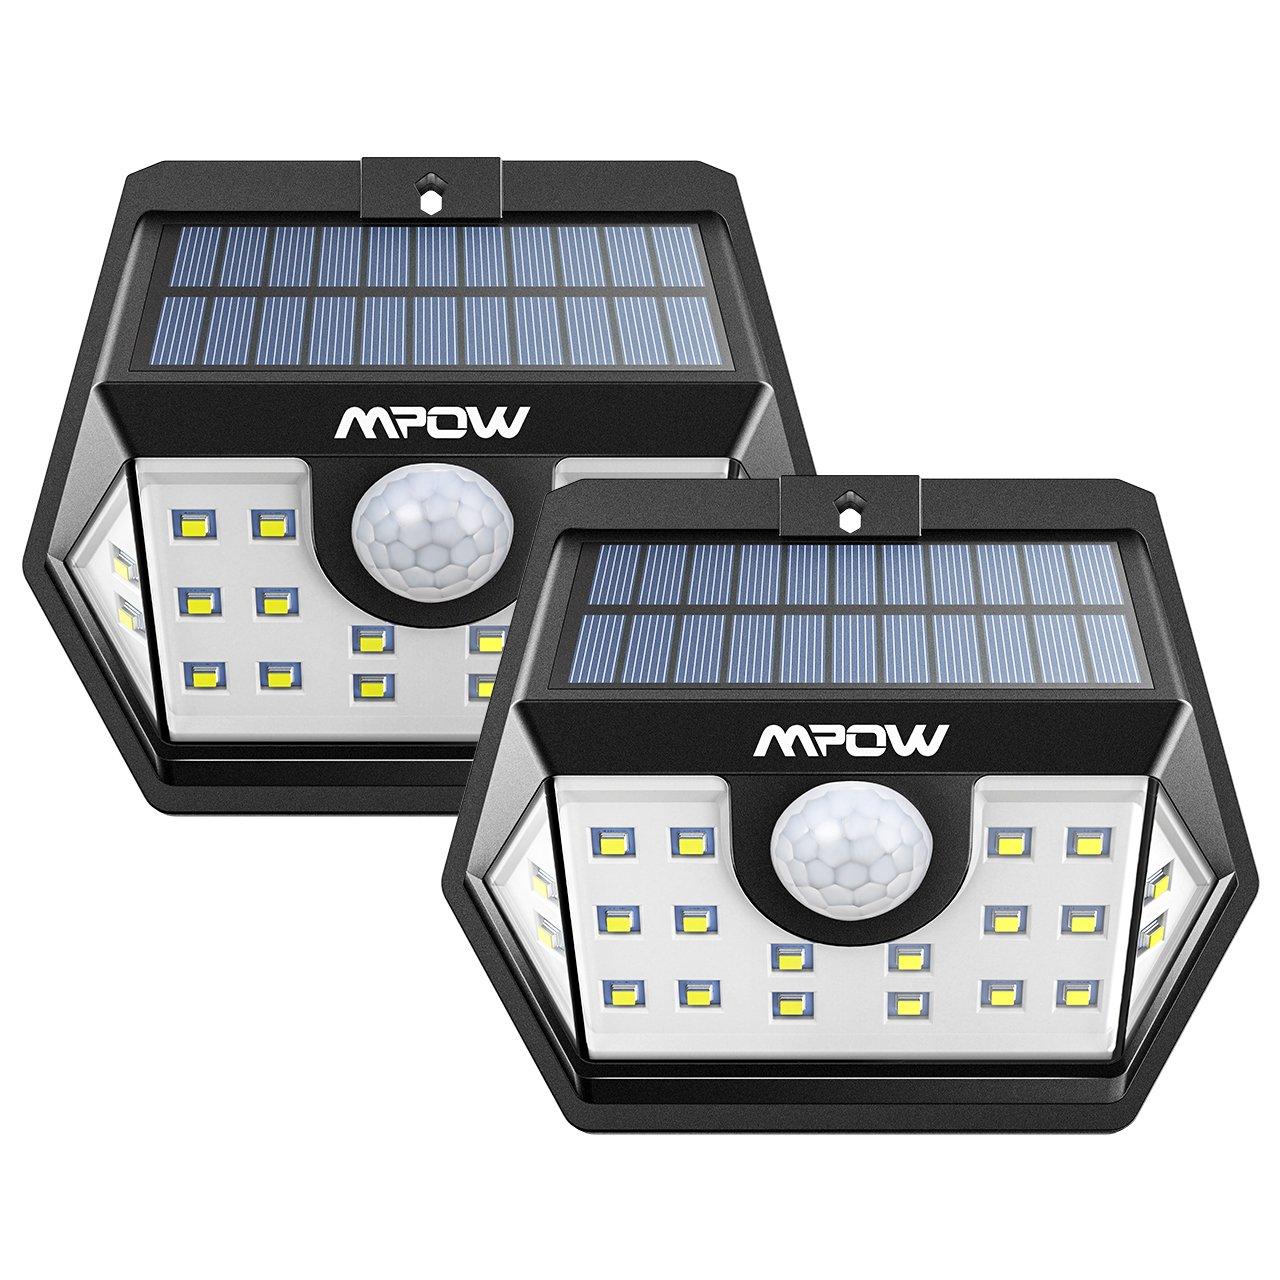 【ERWEITERTE VERSION】Mpow Weitwinkel Solarleuchte, 20 LED Superhelles Solarlicht Garten Mit Bewegungsmelder, 2 Stücke Solarbetriebene Sicherheitswandleuchte, Verbesserte 120 ° Weitwinkel Sensorkopf, Wasserdicht, Hitzebeständig, für Garten Garage Auffahrt Pf